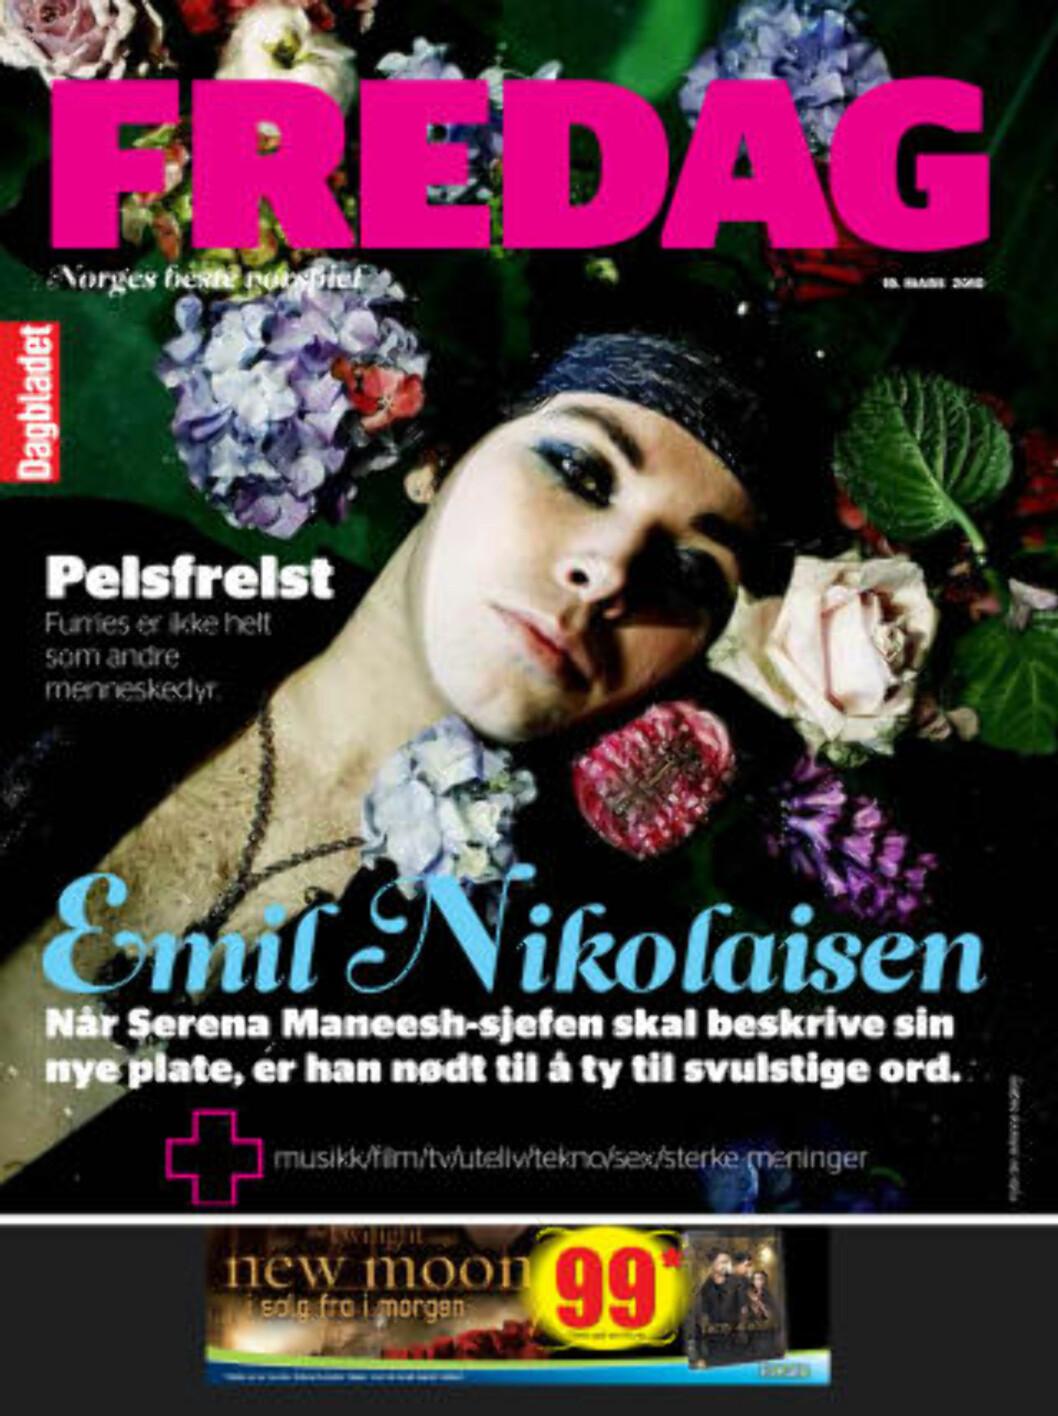 <strong>PÅ TRYKK:</strong> Reportasjen om de norske furriene står på trykk i siste FREDAG.